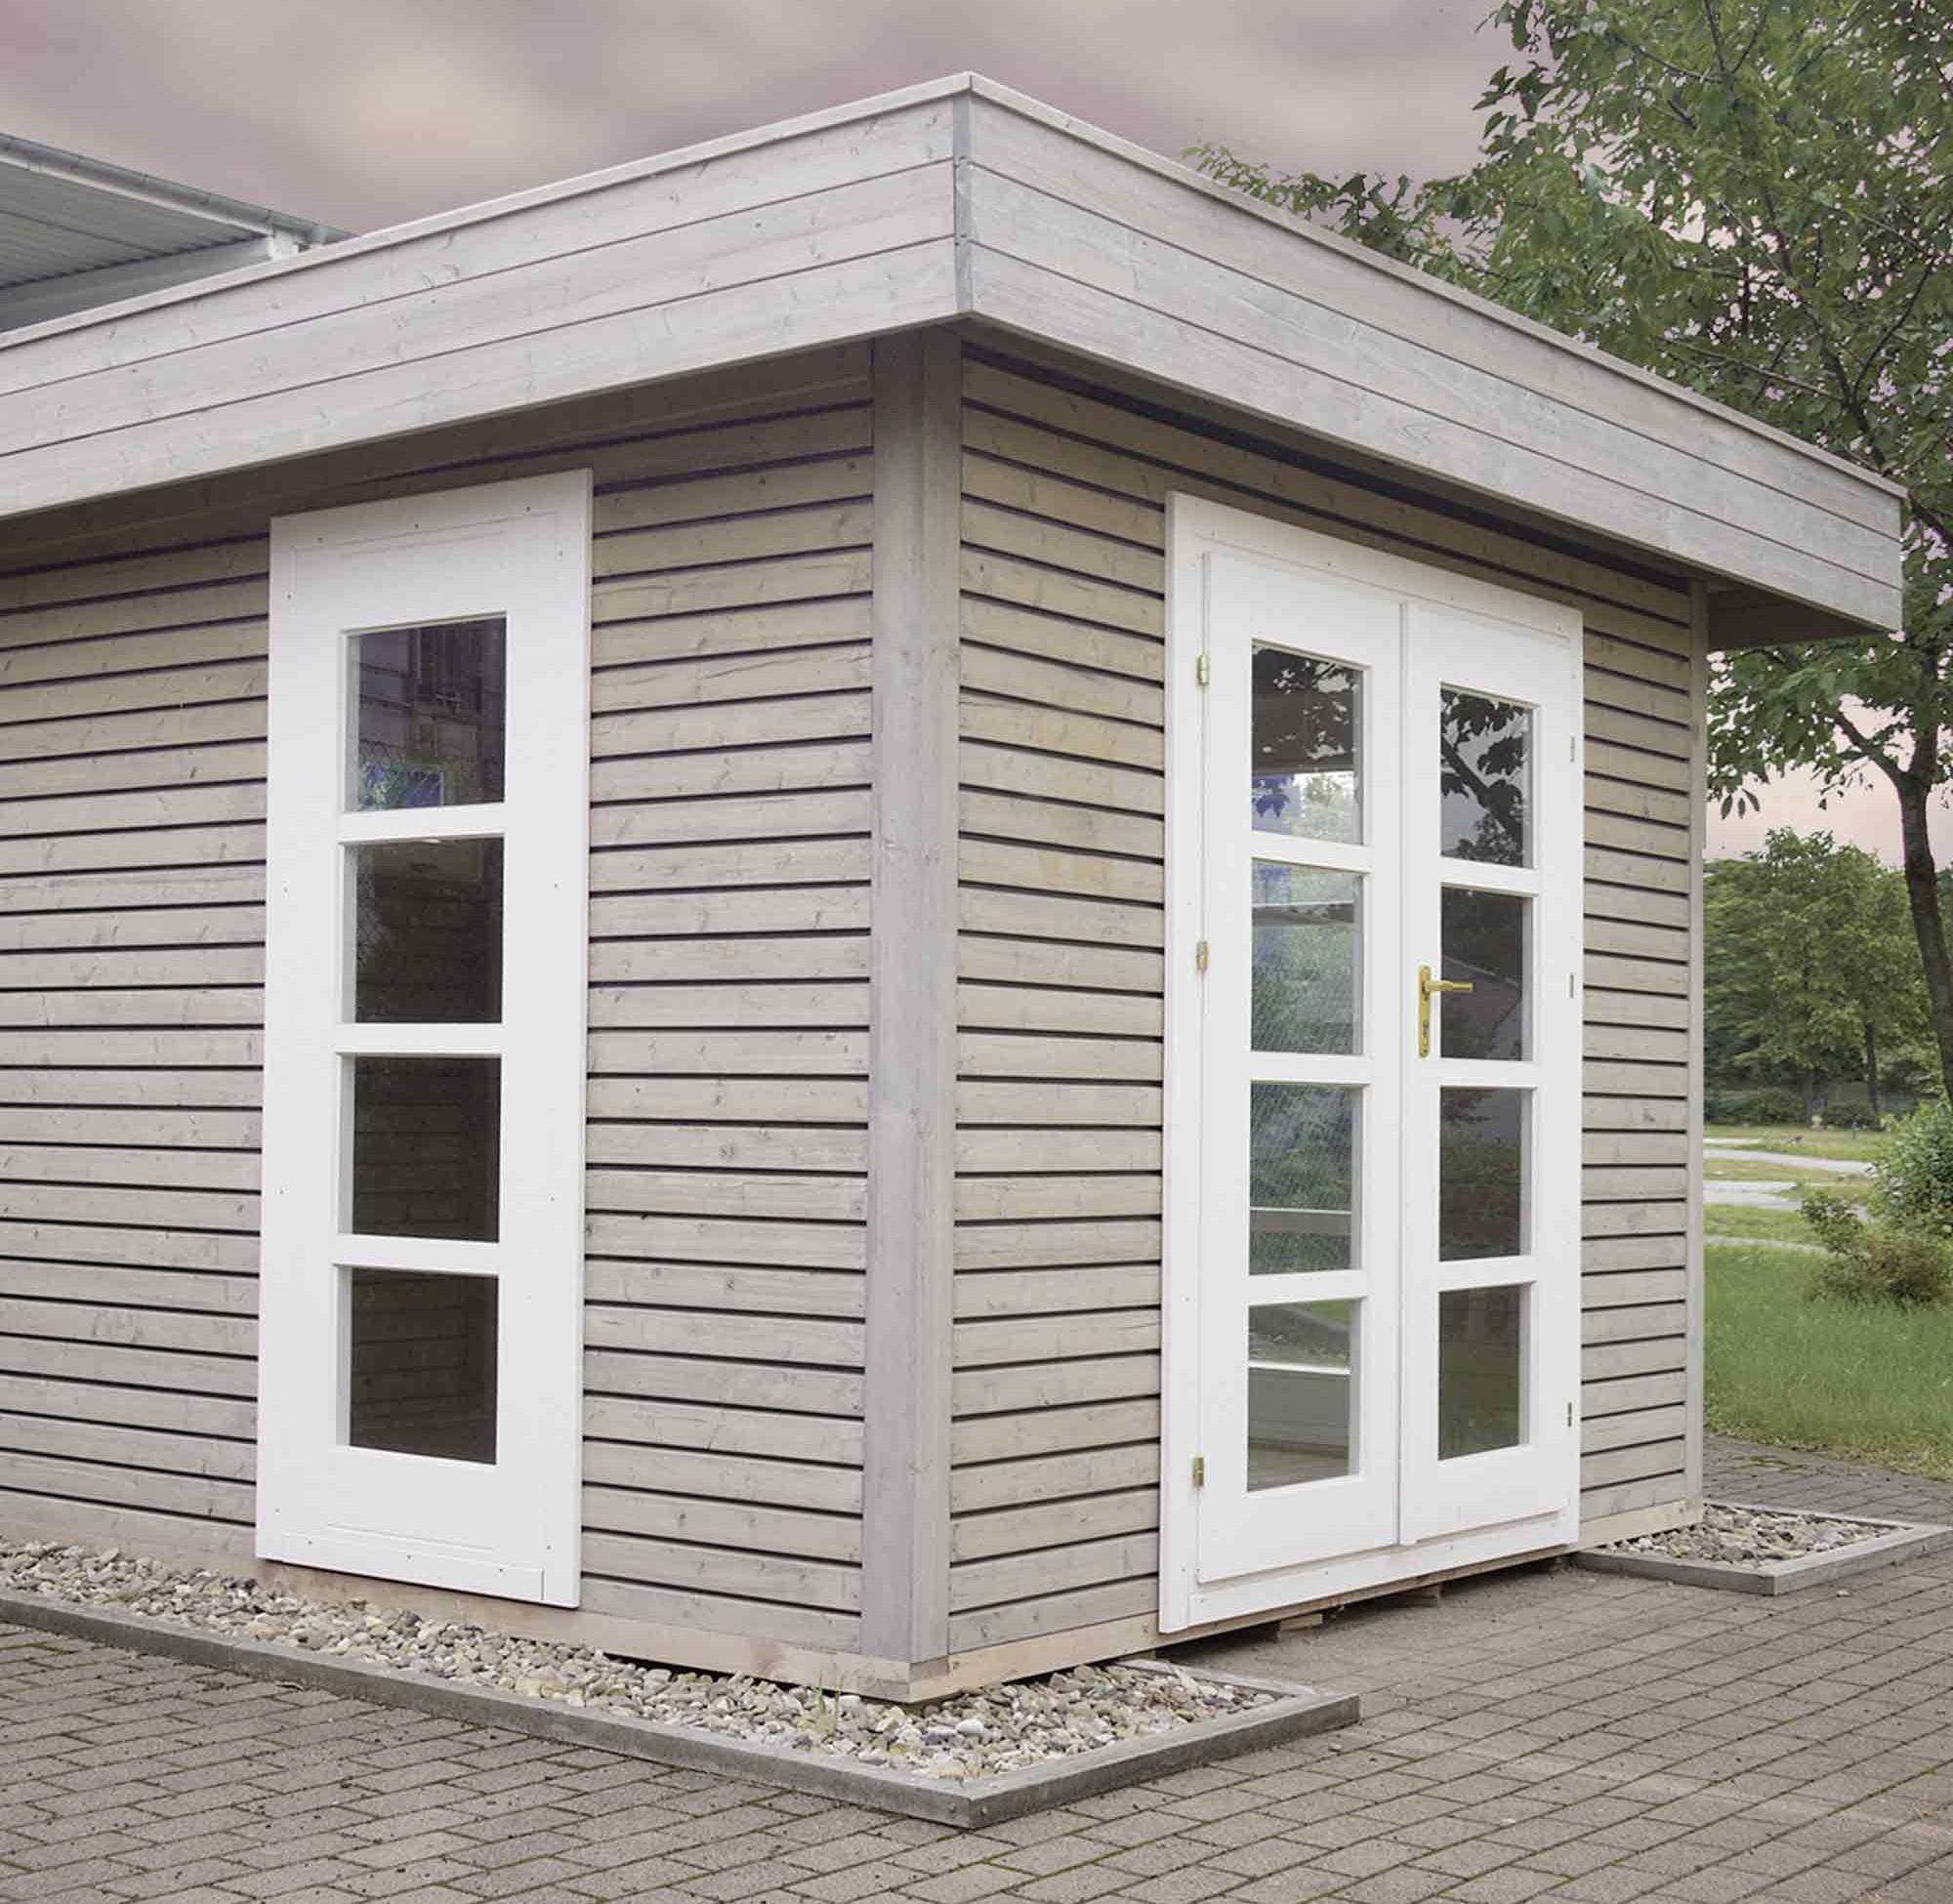 Gartenhäuser aus Holz mit weißen Fenster- und Türrahmen – HolzLand Verbeek